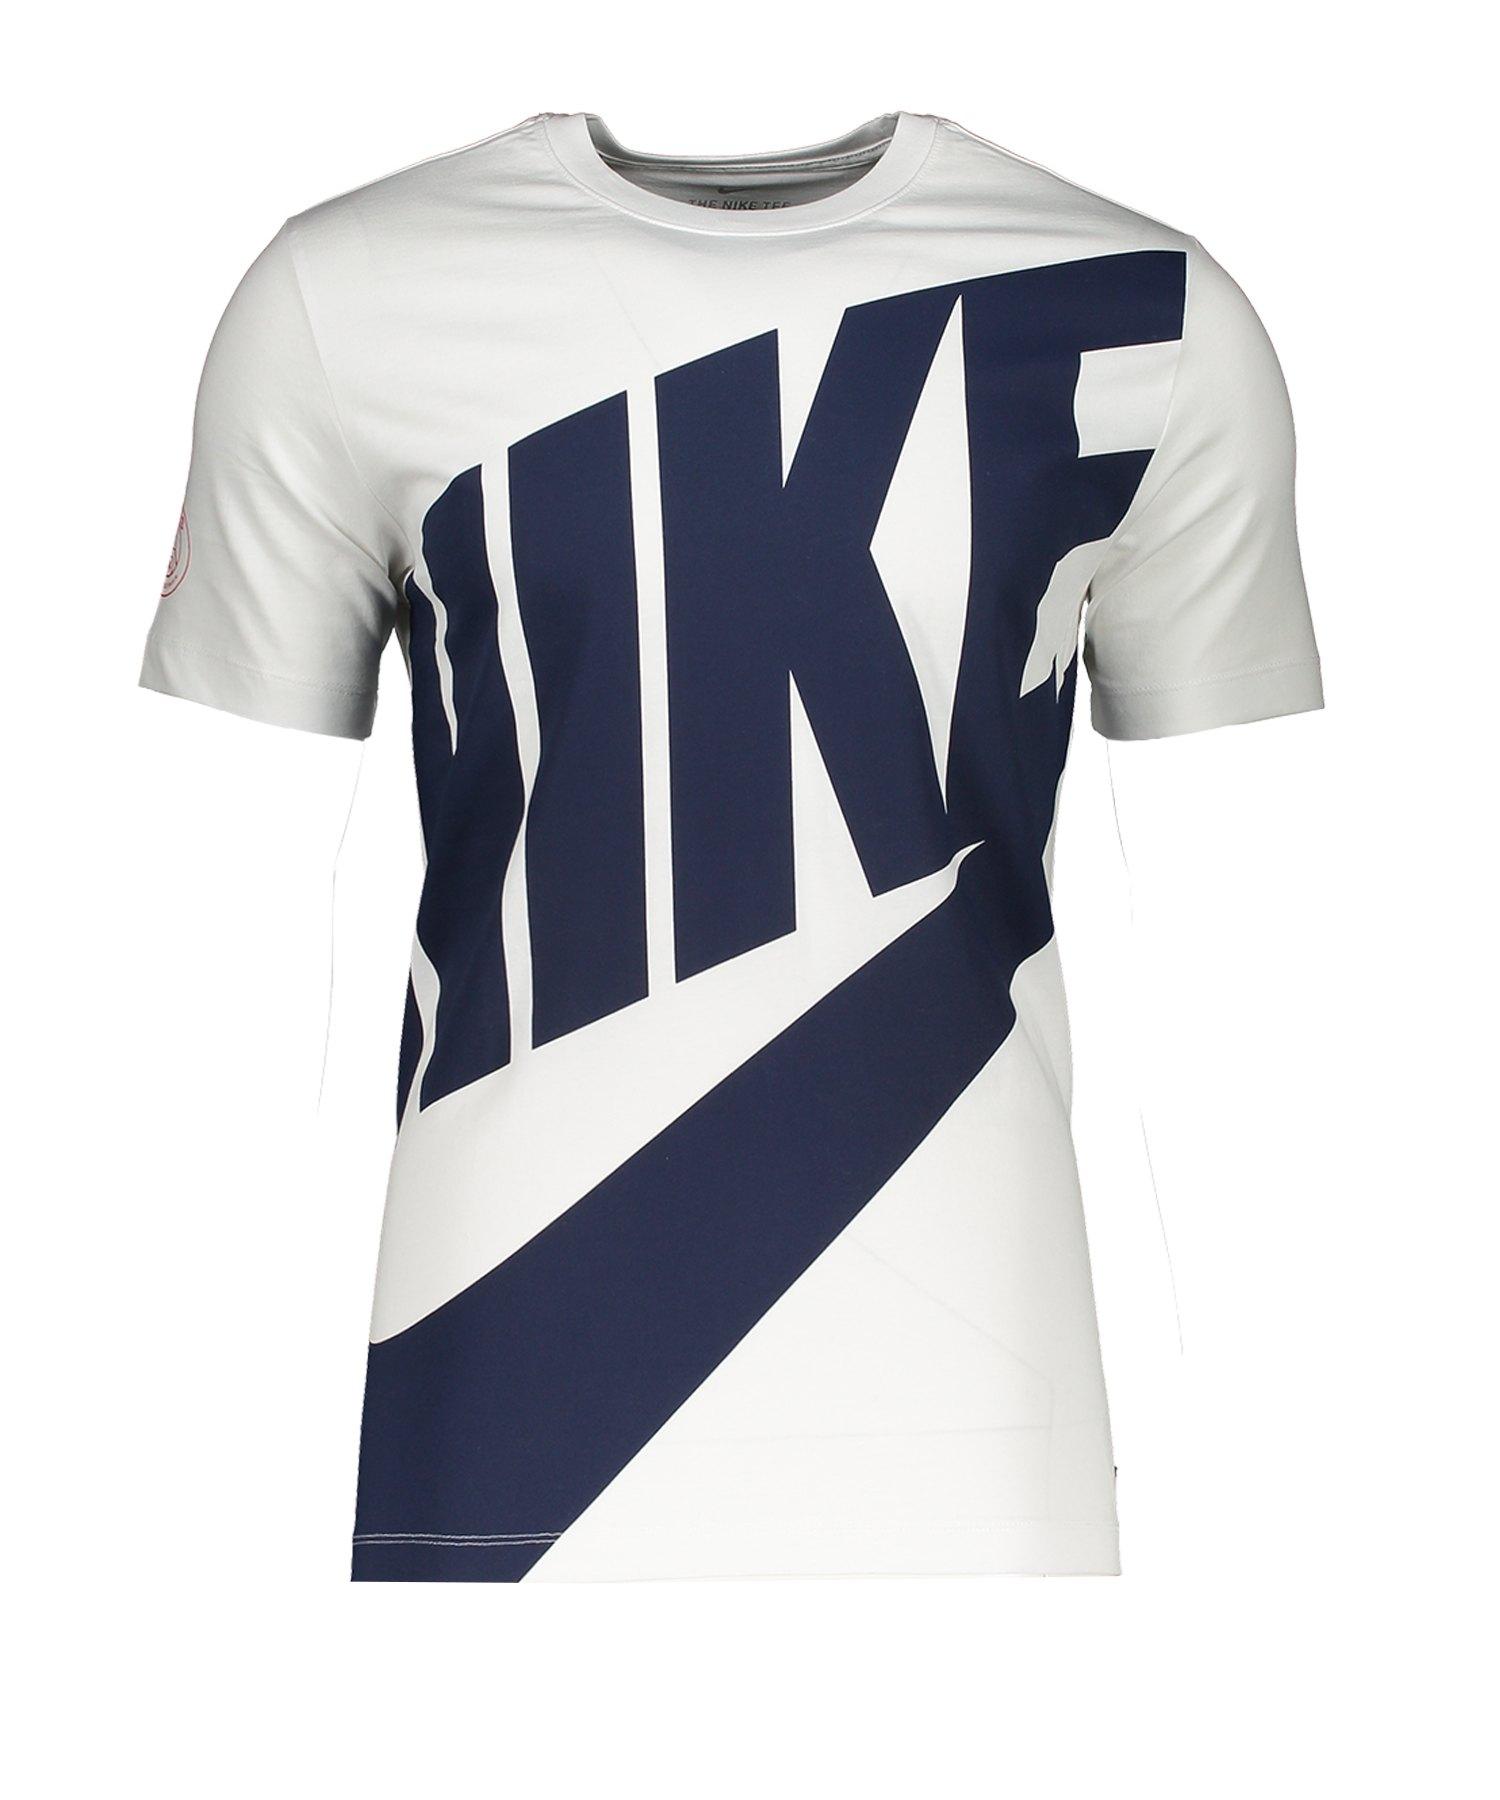 Nike Paris St. Germain T-Shirt CL Weiss F100 - weiss